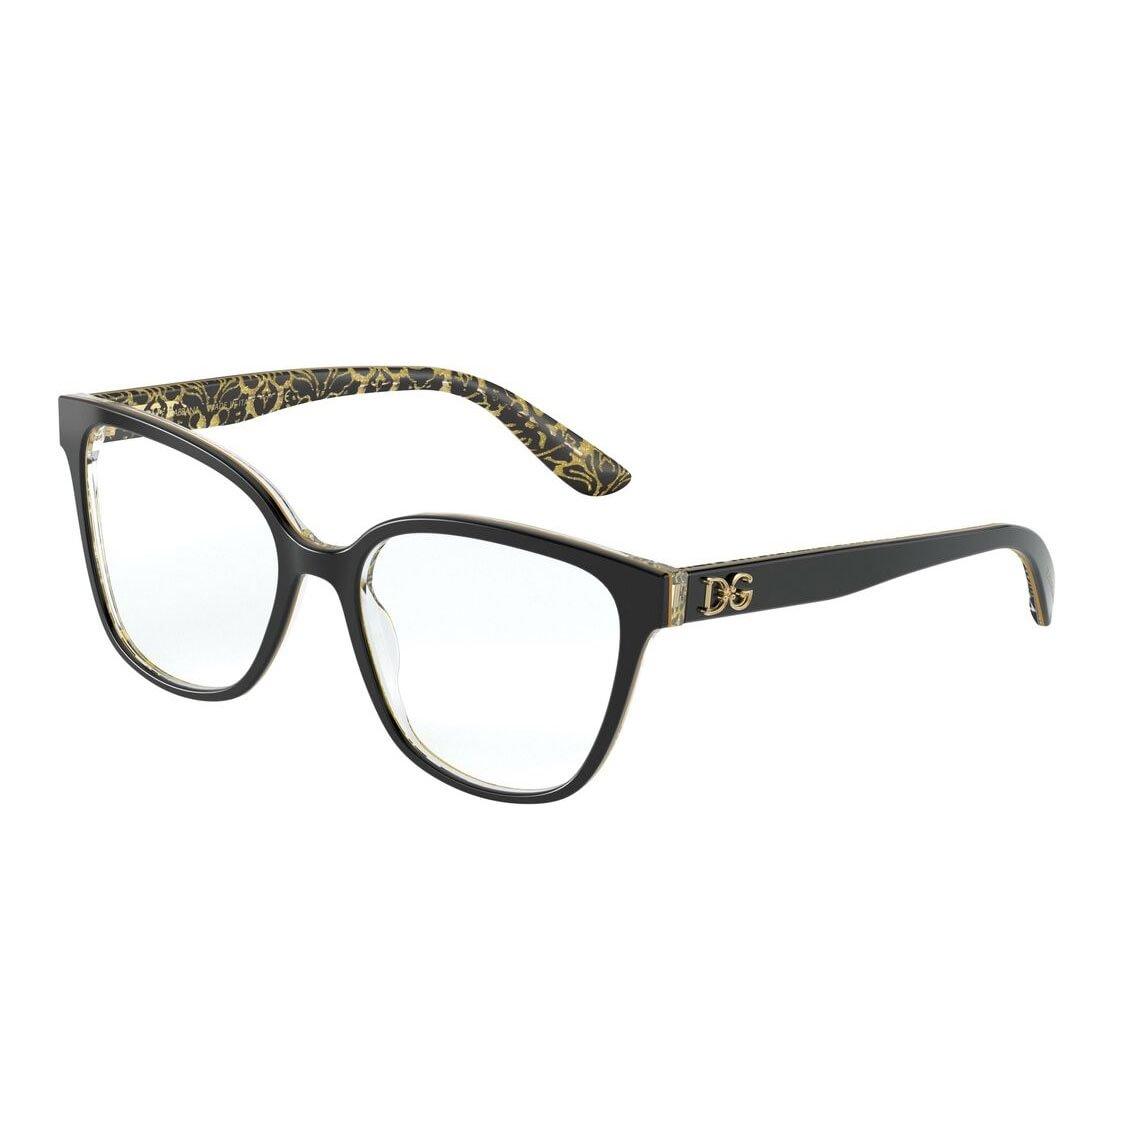 Dolce & Gabbana DG3321 3215 5217